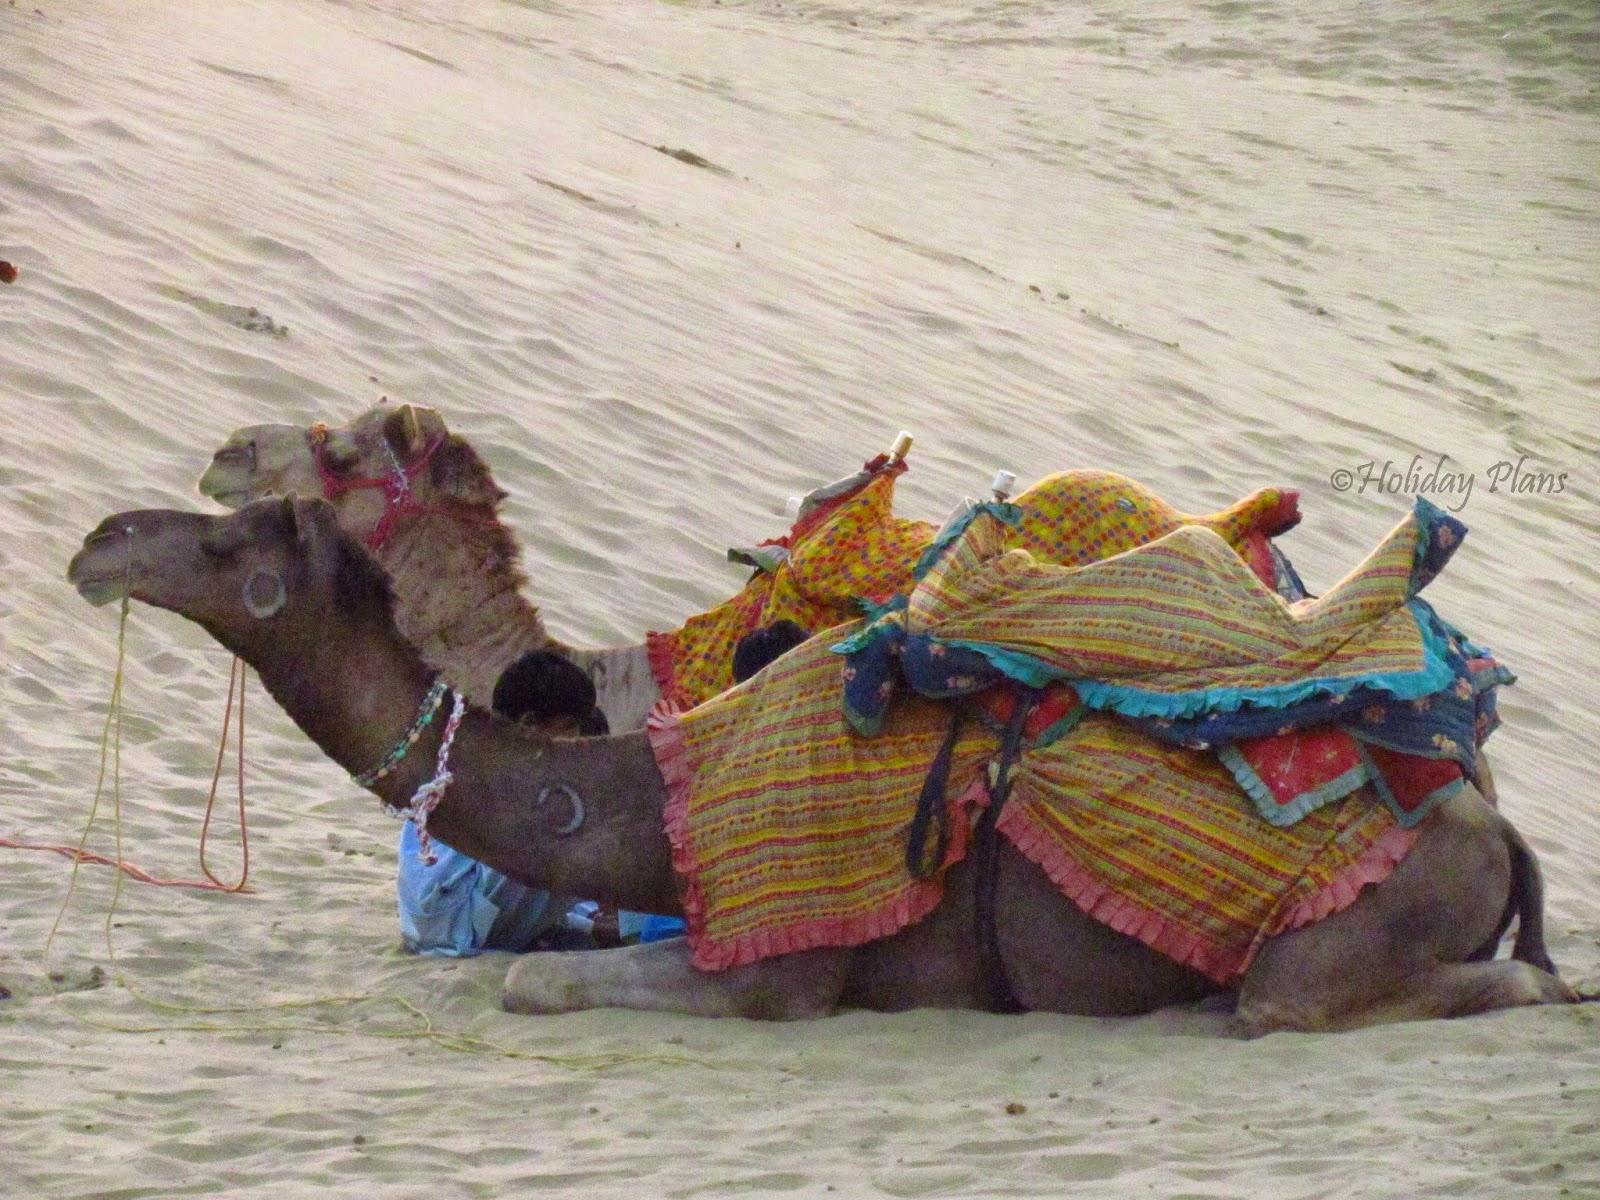 Thar Desert-Camel Ride